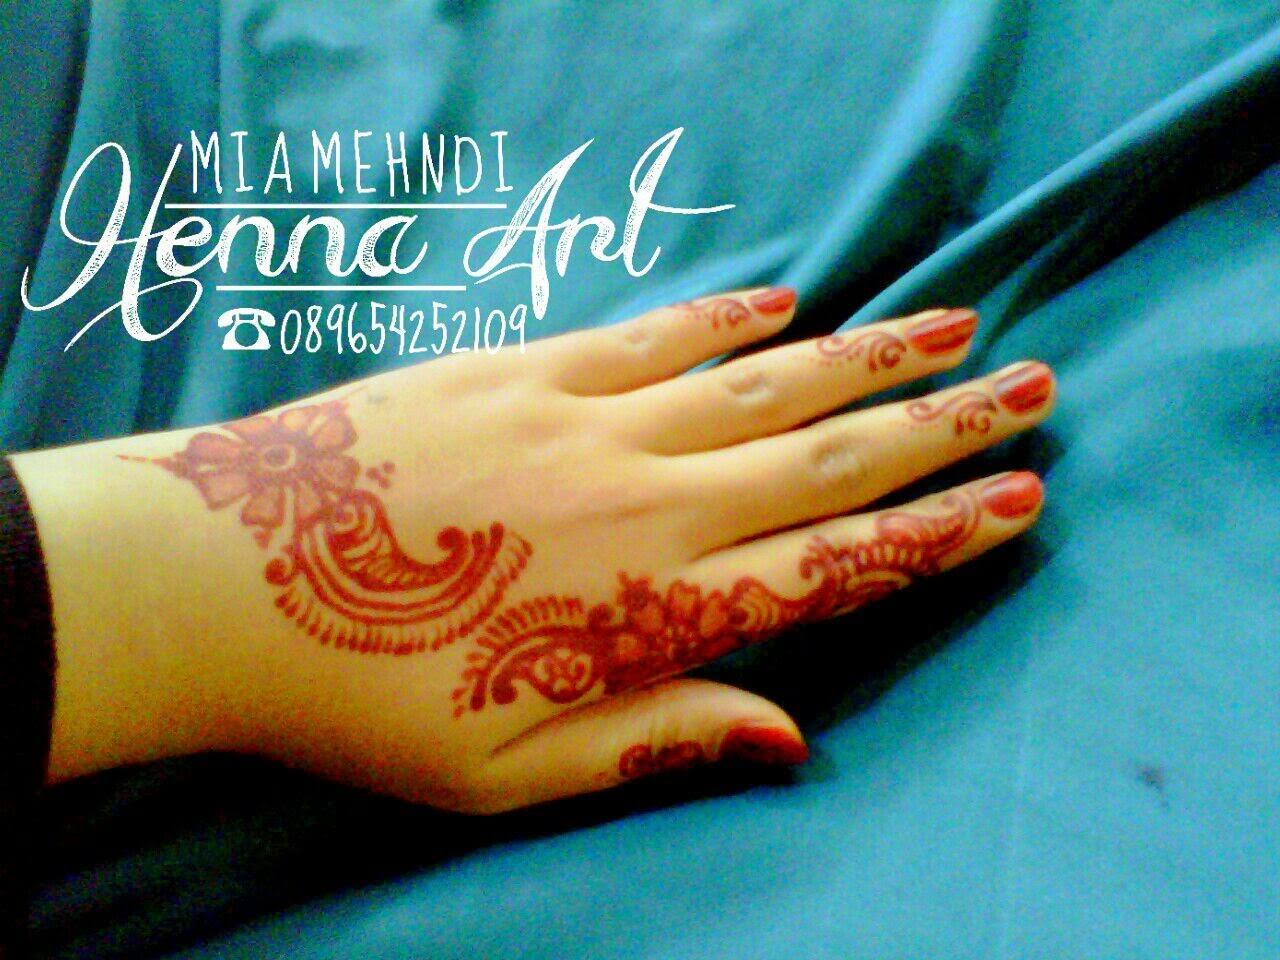 Henna Fun Mia Mehndi Henna Art Tangerang Jakarta